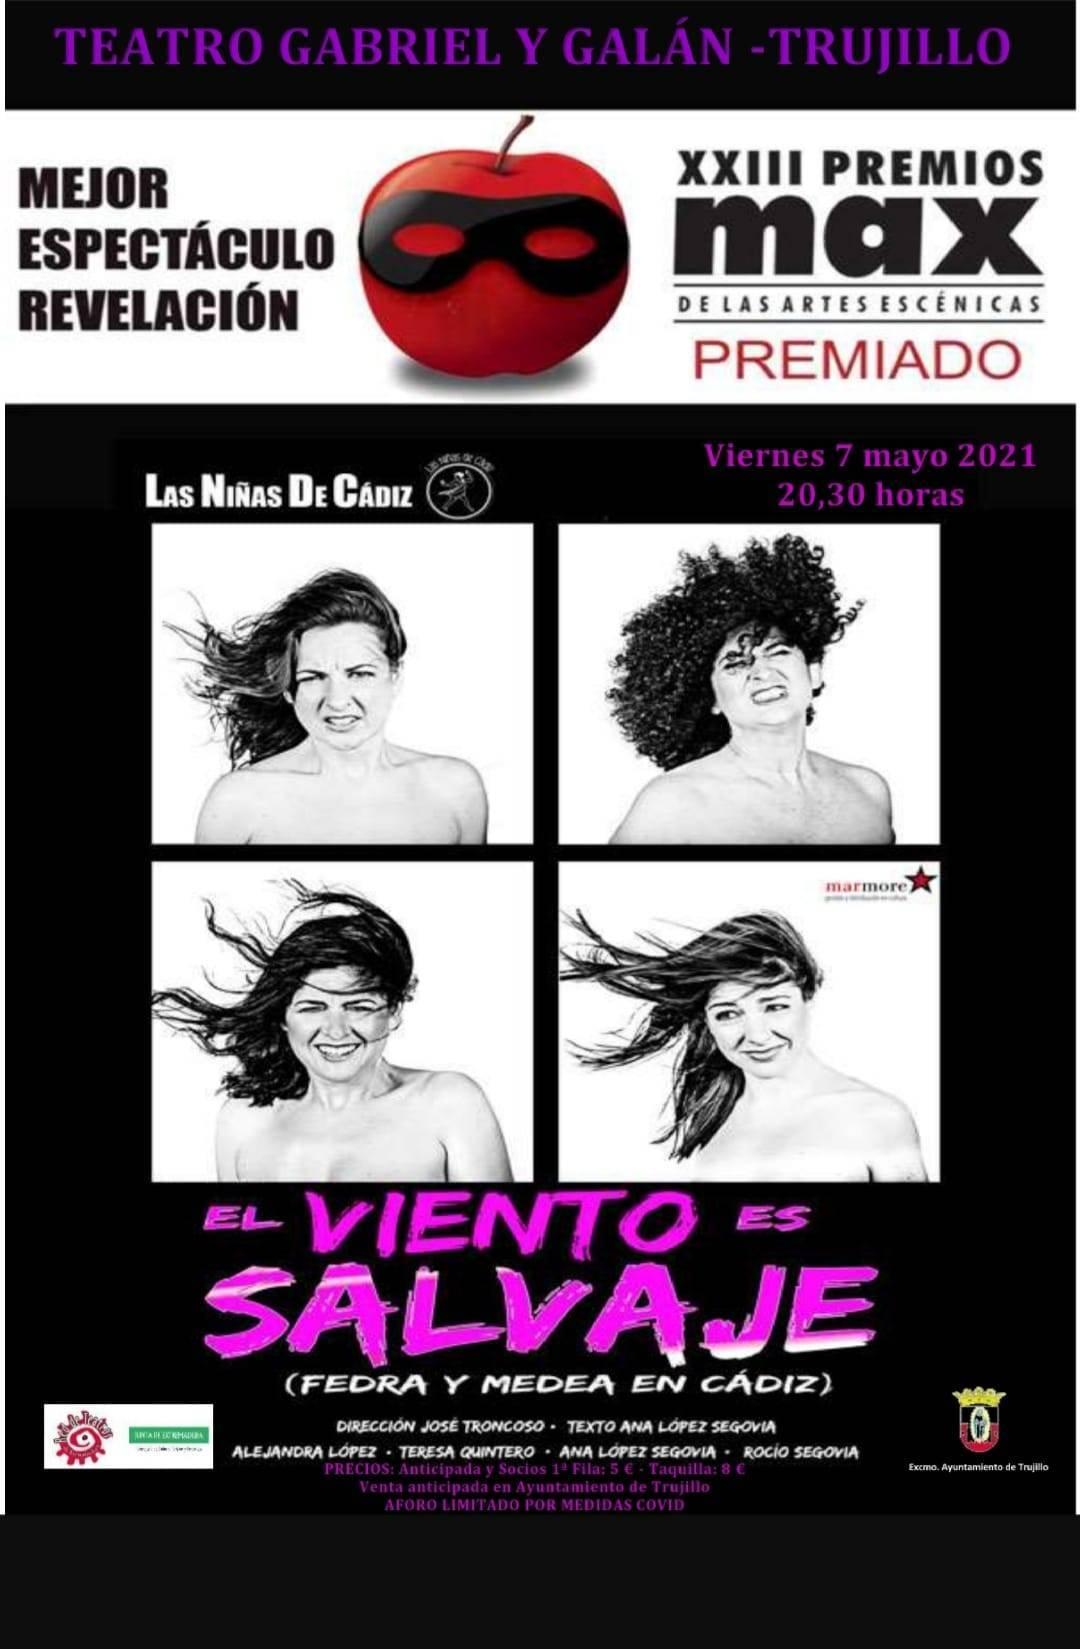 El viento es salvaje (2021) - Trujillo (Cáceres)